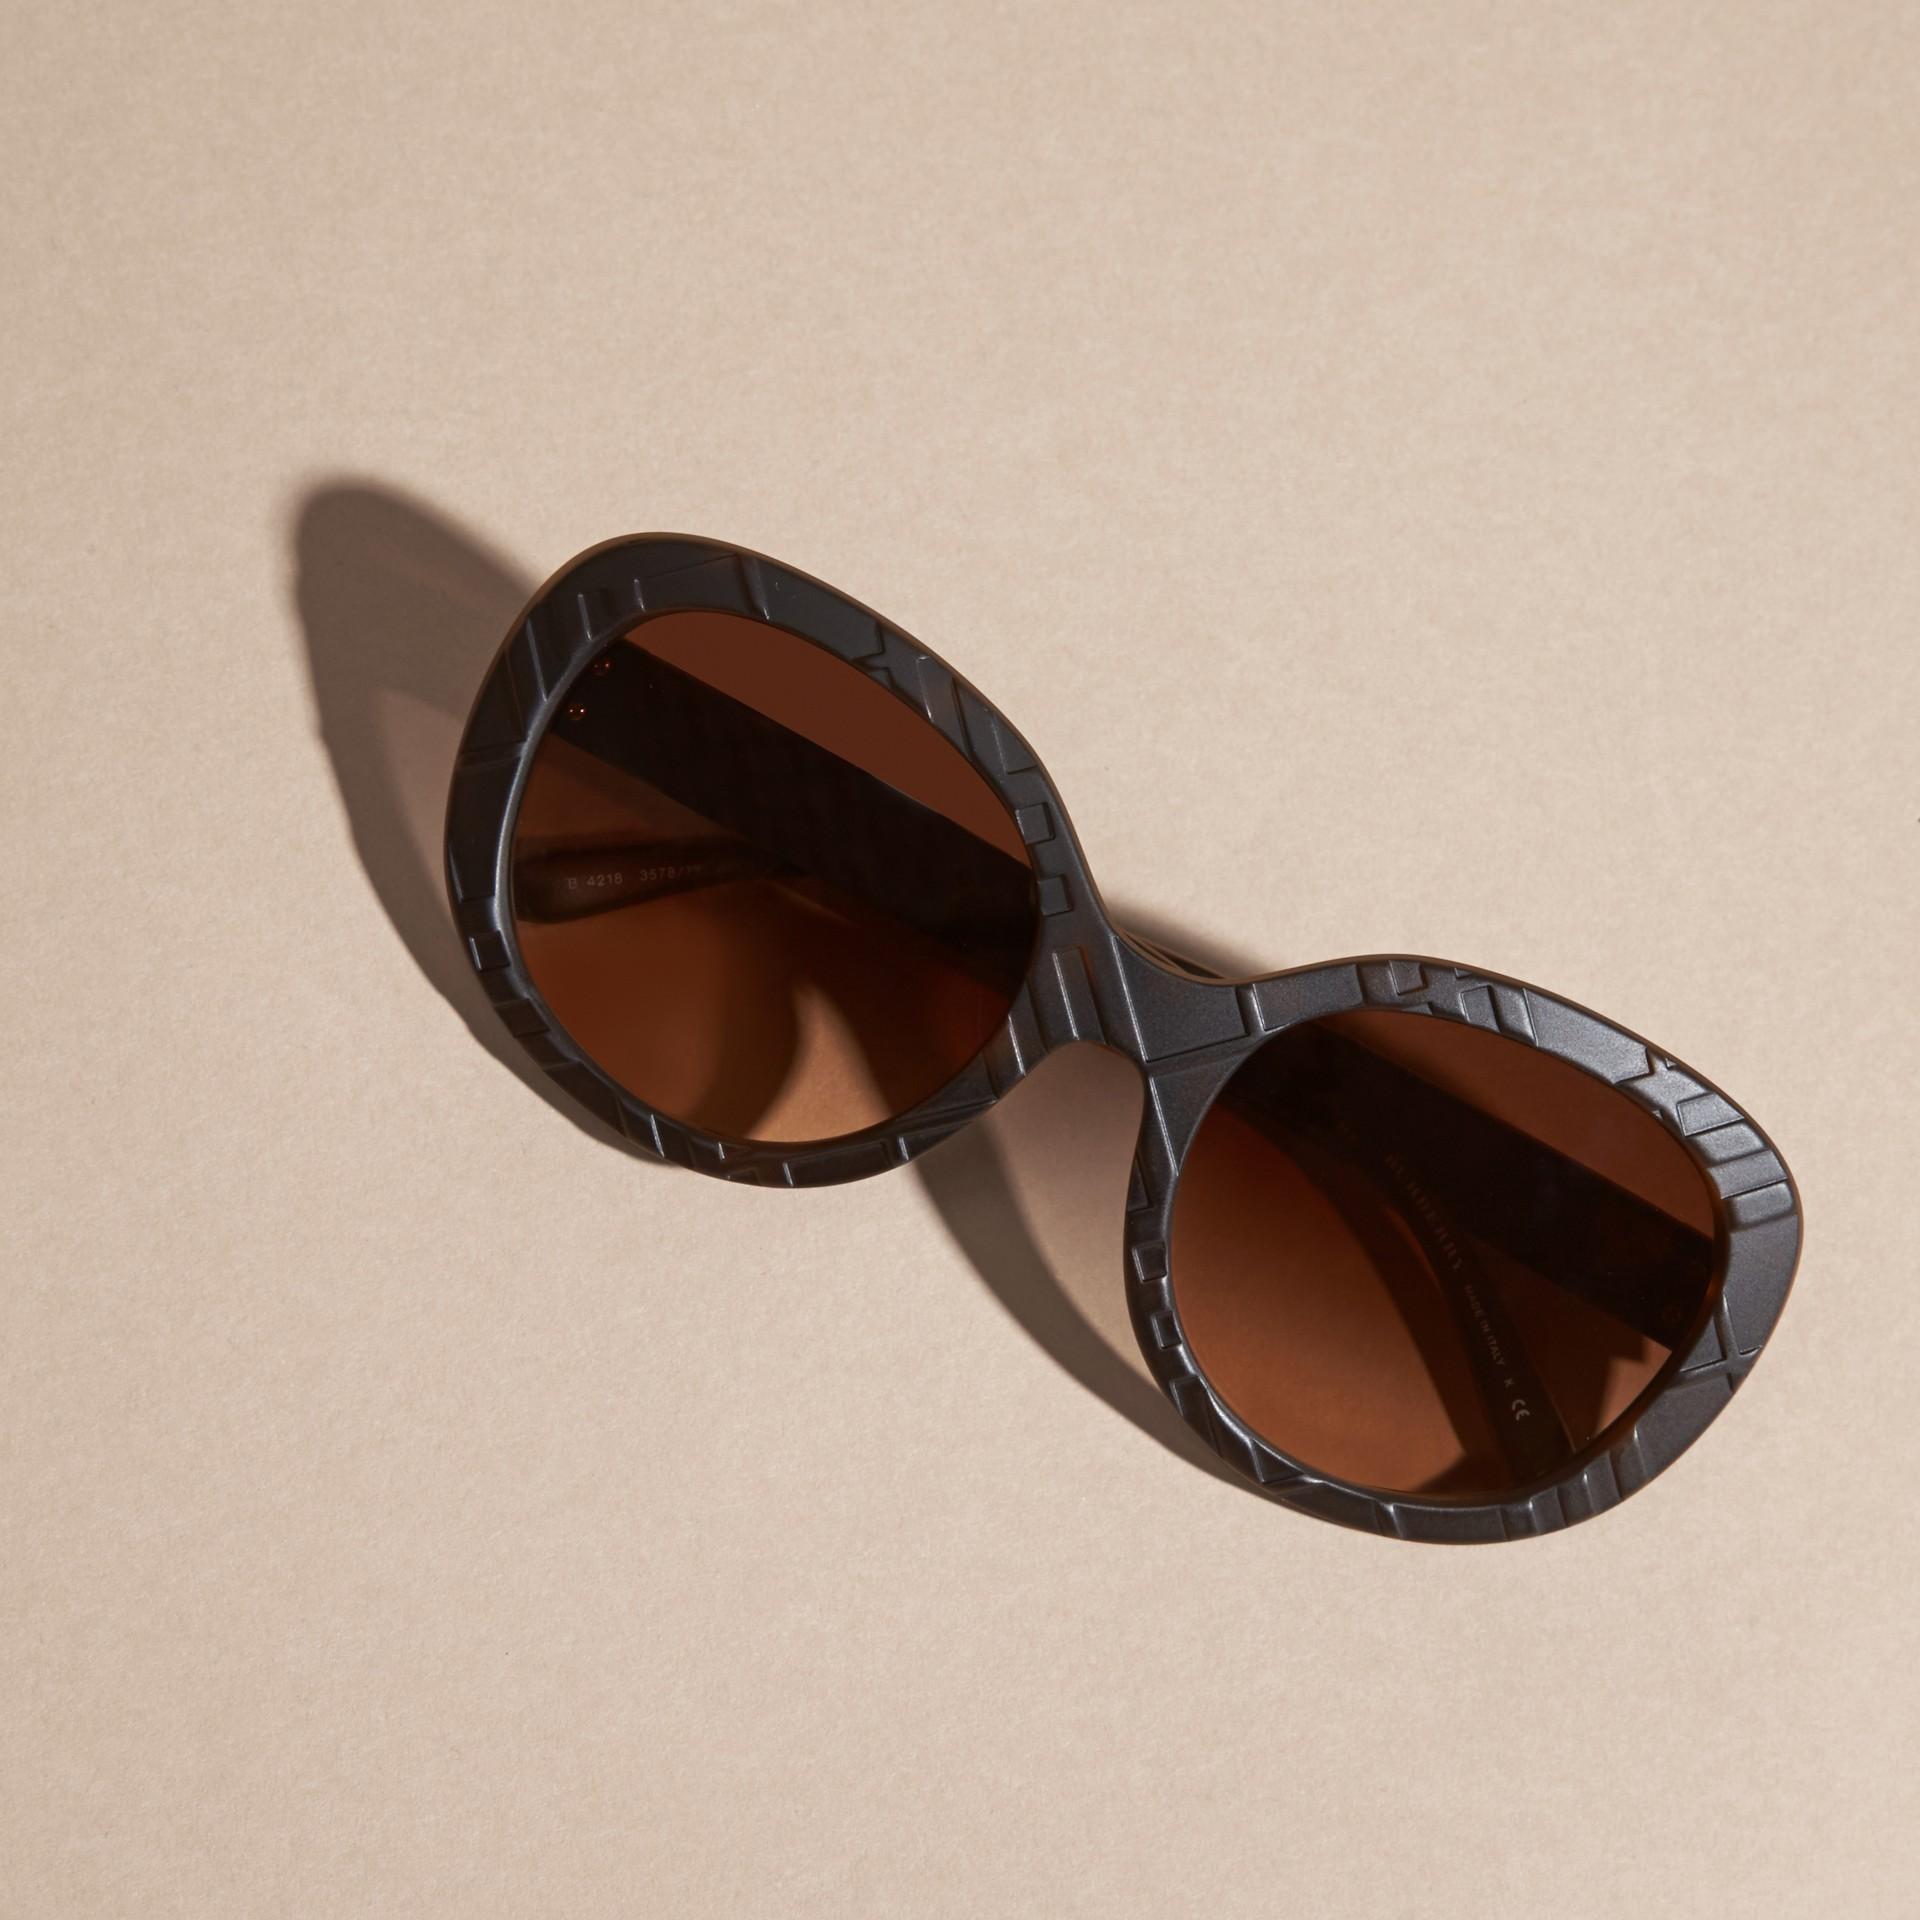 Écaille de tortue Lunettes de soleil rondes avec détails check tridimensionnels Écaille  Tortue - photo de la galerie 5